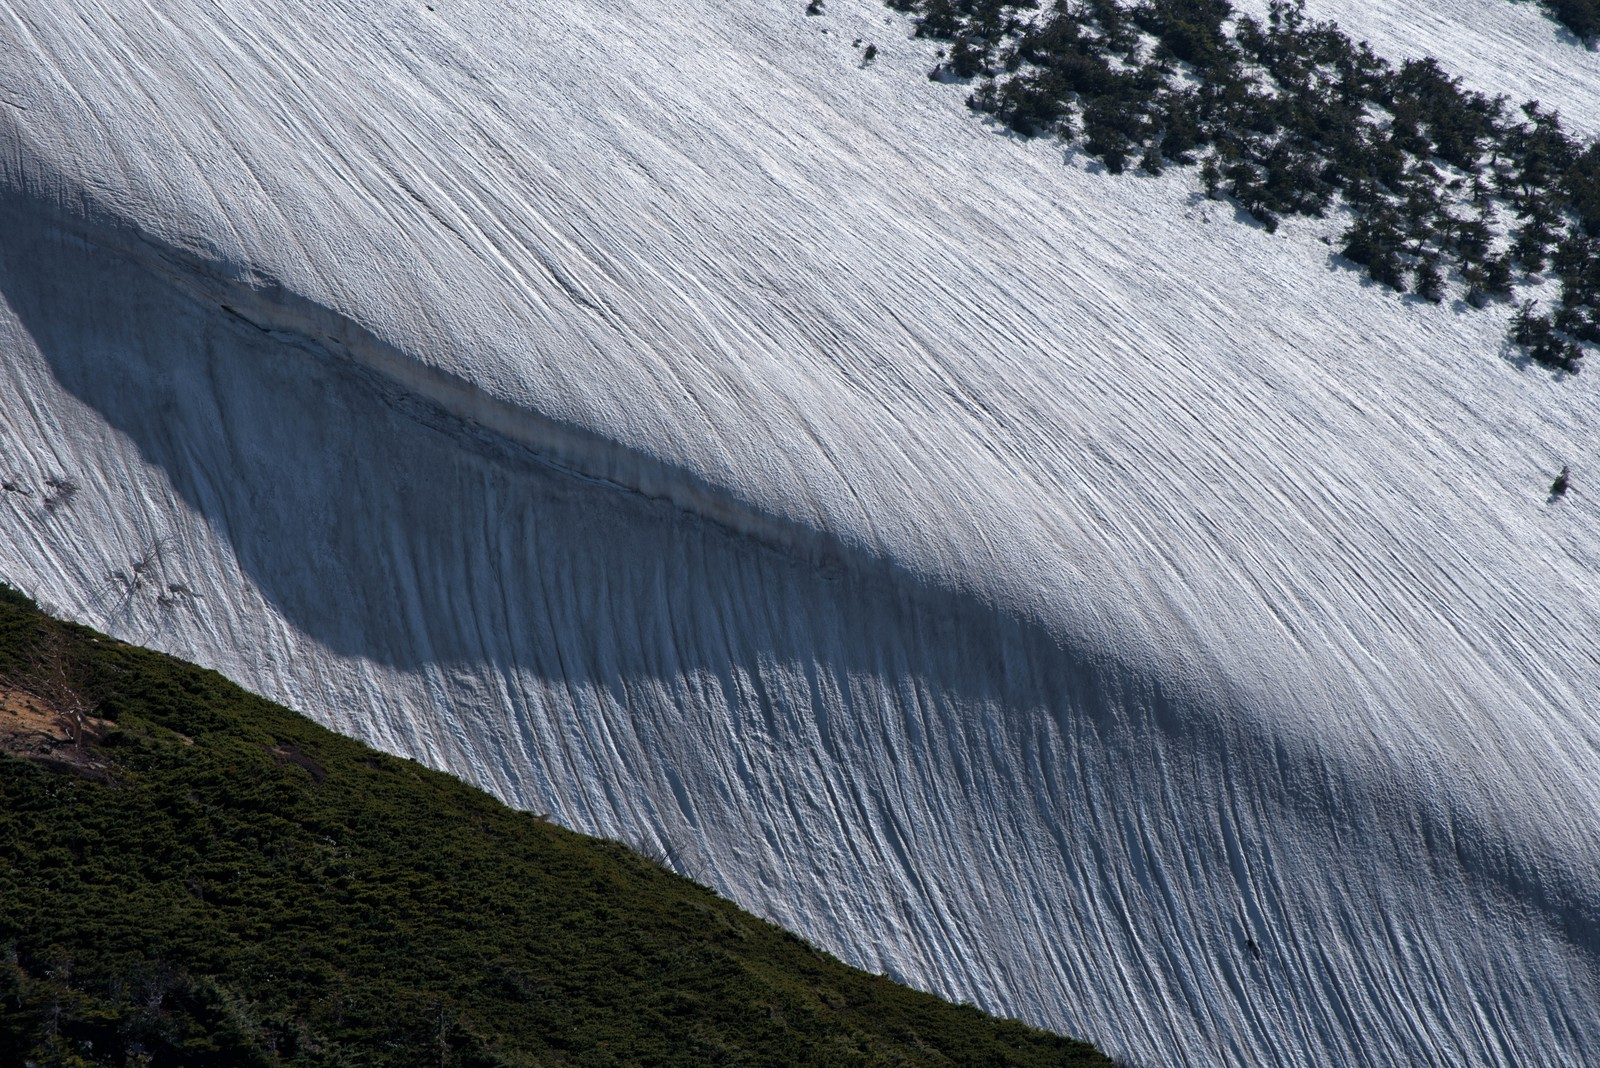 「雪渓に刻まれる模様」の写真